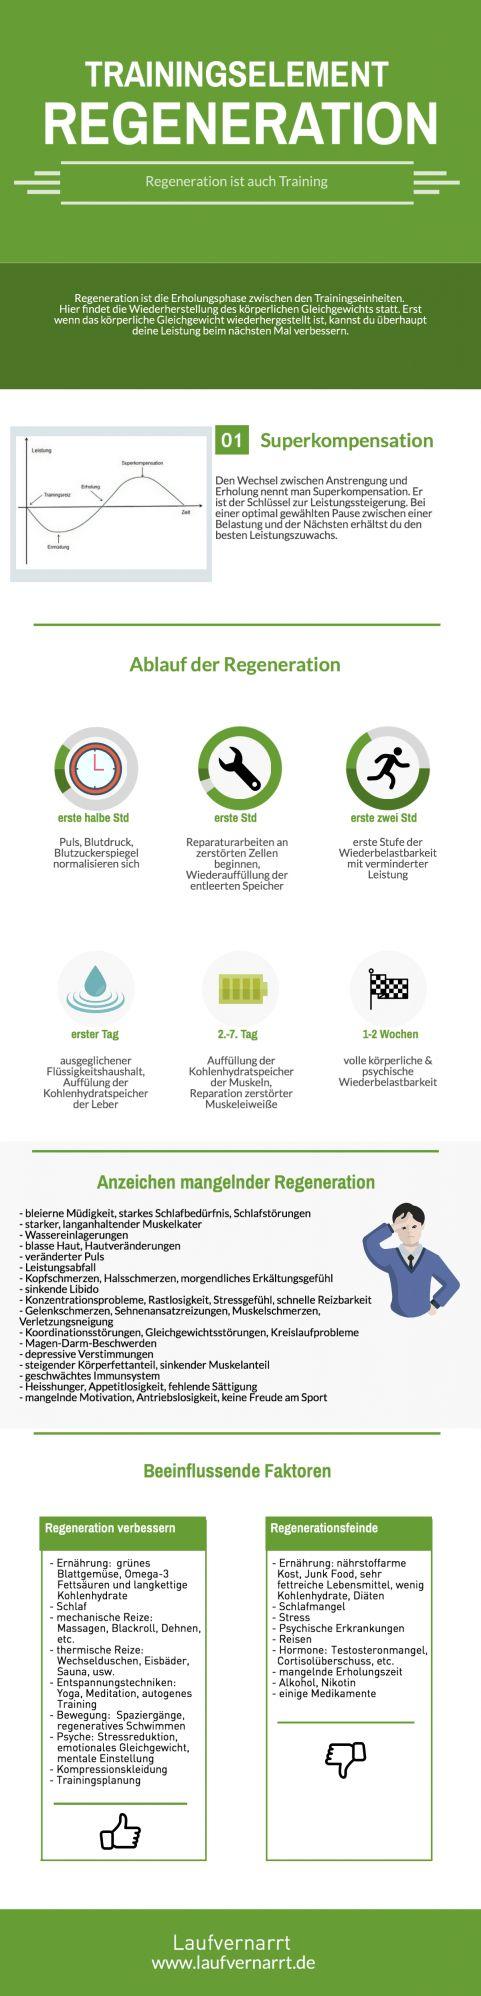 Trainingselement Regeneration - Regeneration ist auch Training. Lerne den Ablauf der Regeneration, die Prinzipien, Freunde und Feinde der richtigen Erholung kennen und erfahre die Symptome des Übertrainings.